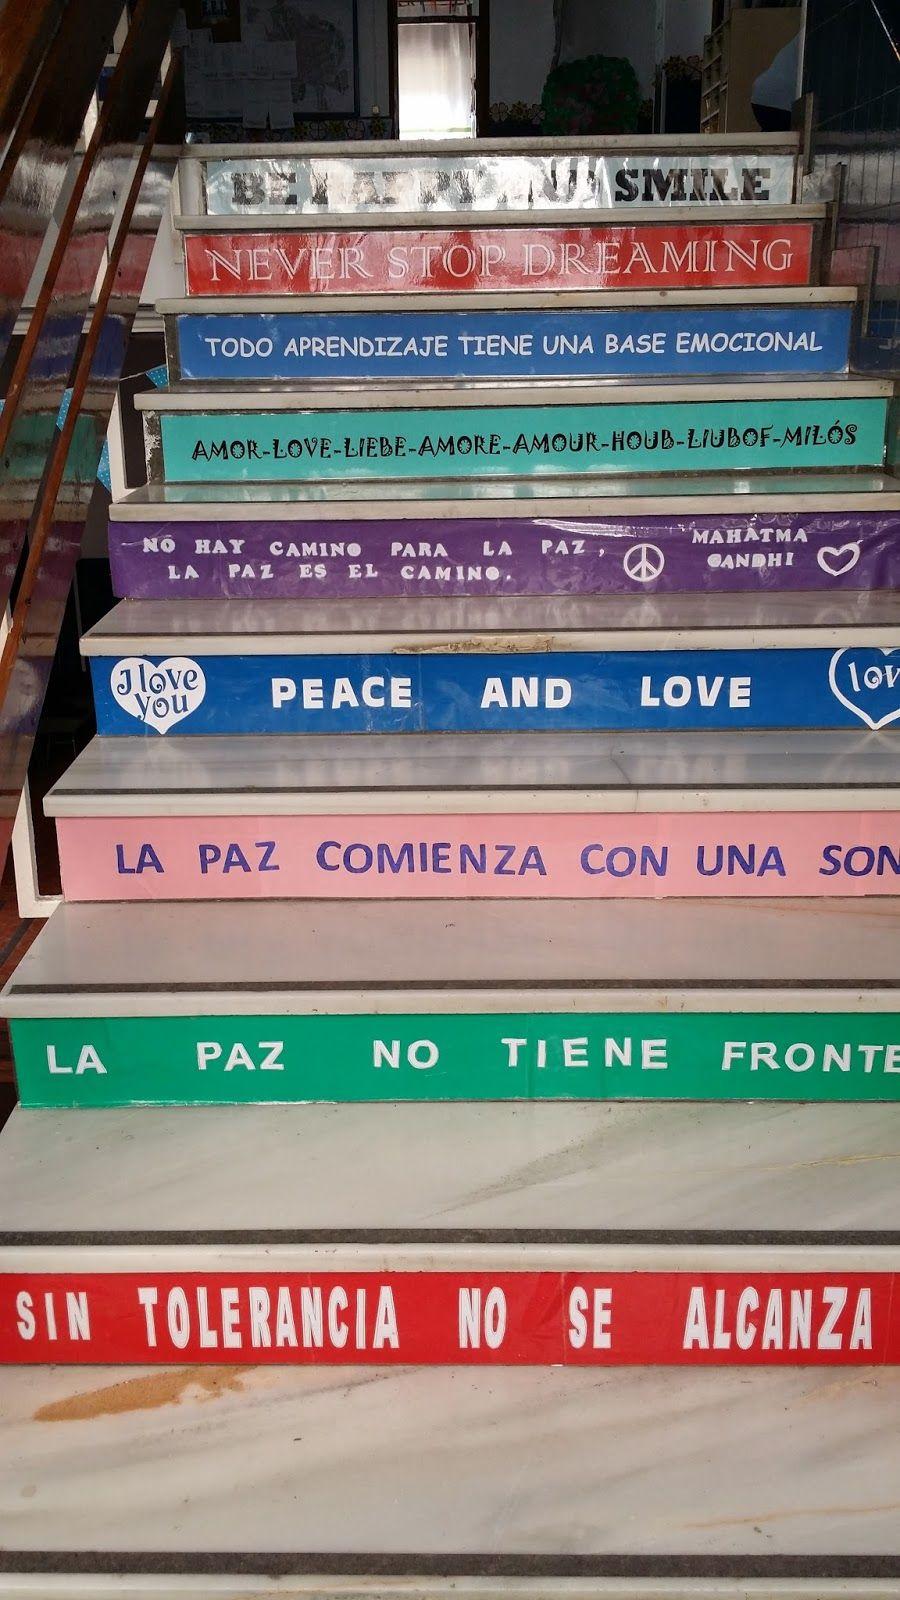 Terminadas Nuestras Escaleras Con Nuestras Frases Y